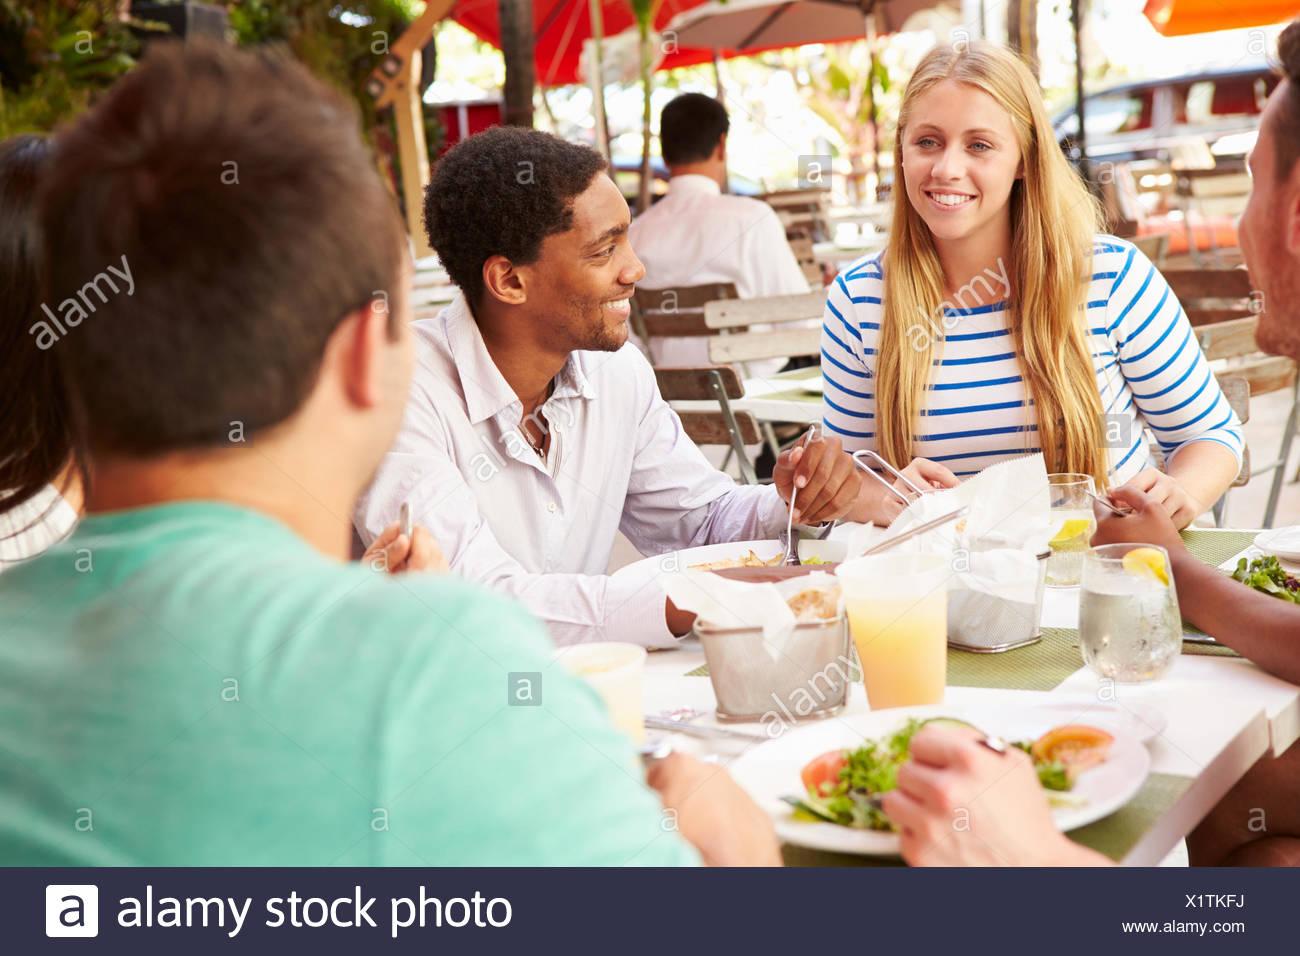 Gruppe von Freunden genießen Mittagessen im Restaurant unter freiem Himmel Stockbild